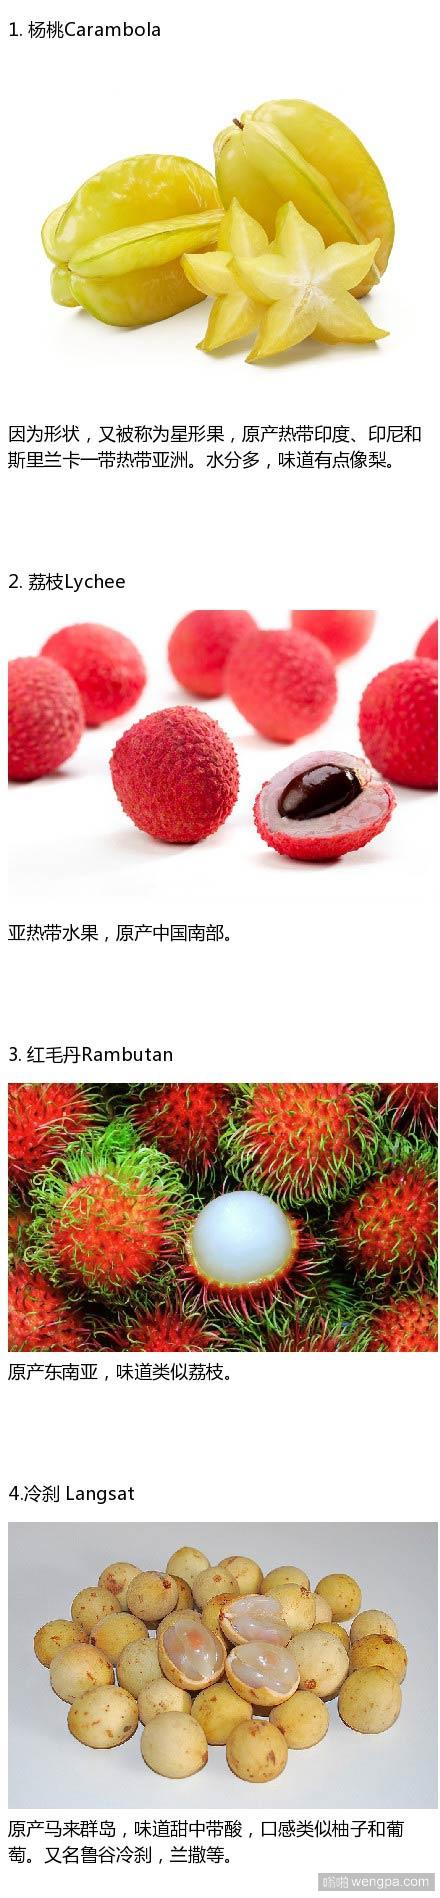 世界上一些奇怪的水果 看看你吃过哪几个(组图)